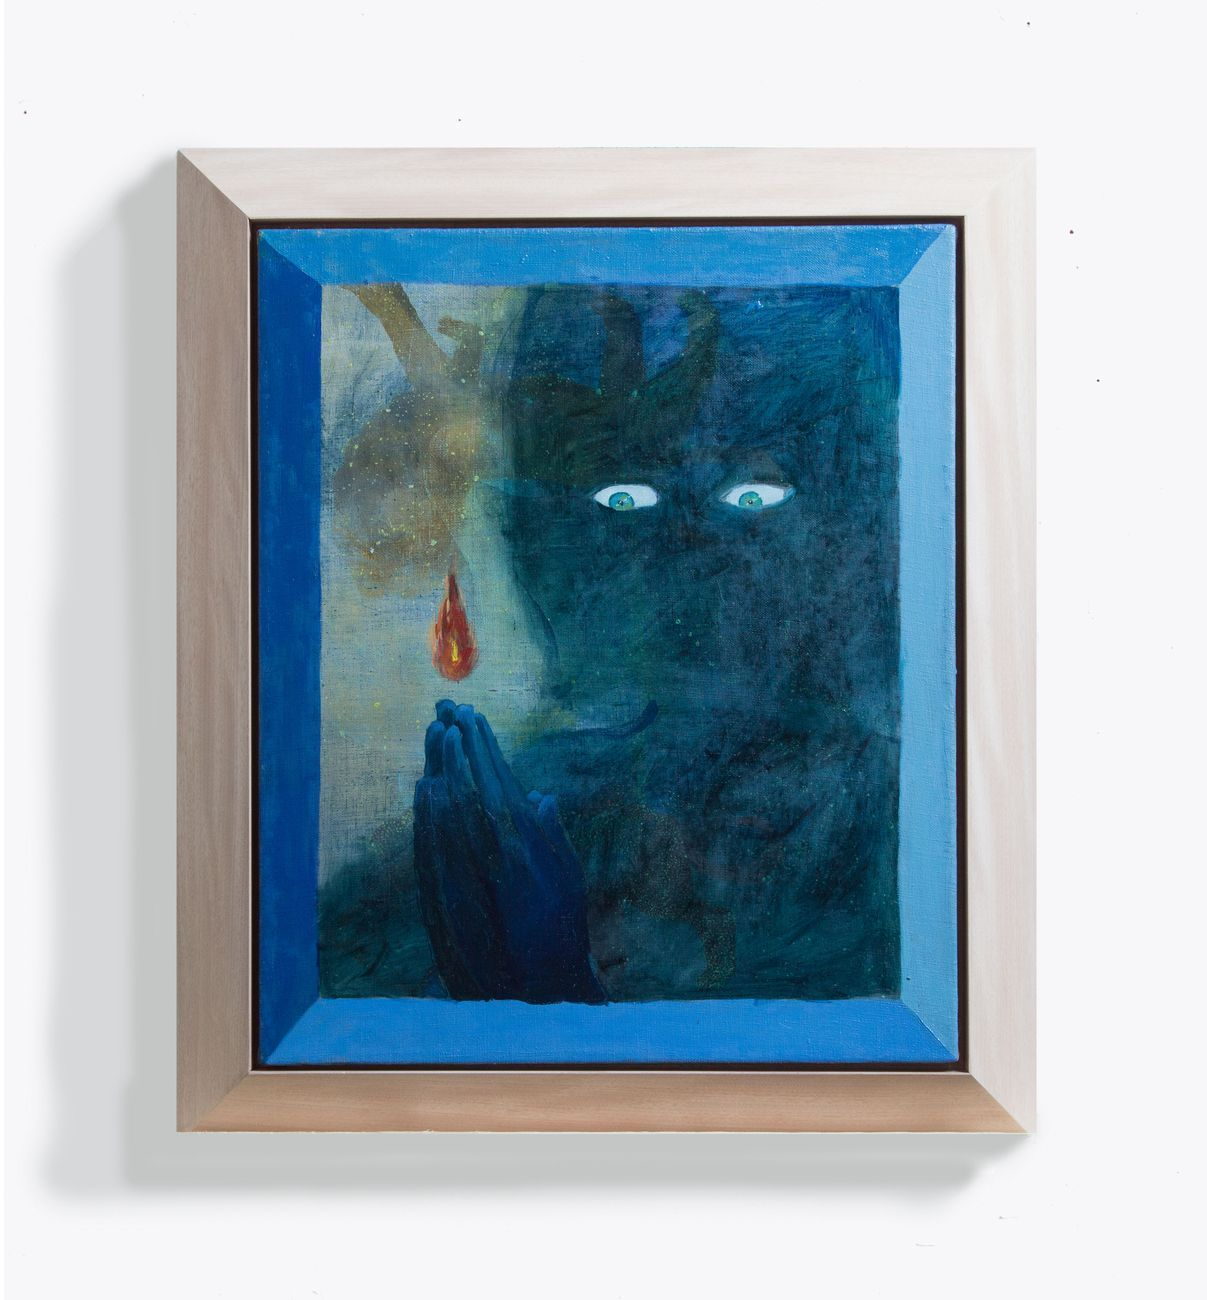 Alessandro Fogo, Piccola fiamma all'origine dell'universo, 2018, olio su lino, 50x60 cm